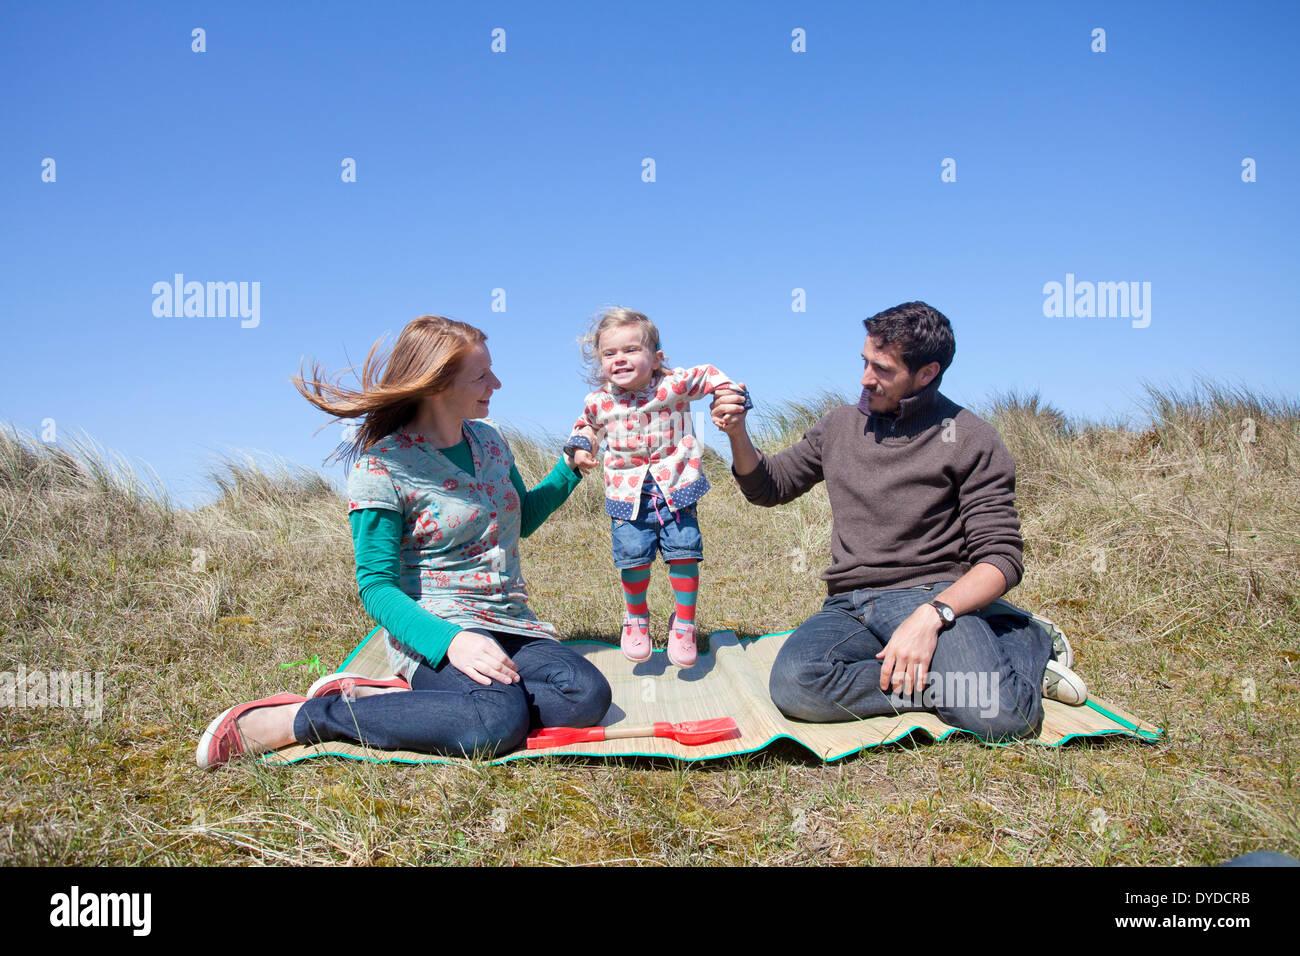 Una joven familia divirtiéndose en las dunas de arena en Horsey Beach, en la costa de Norfolk. Foto de stock